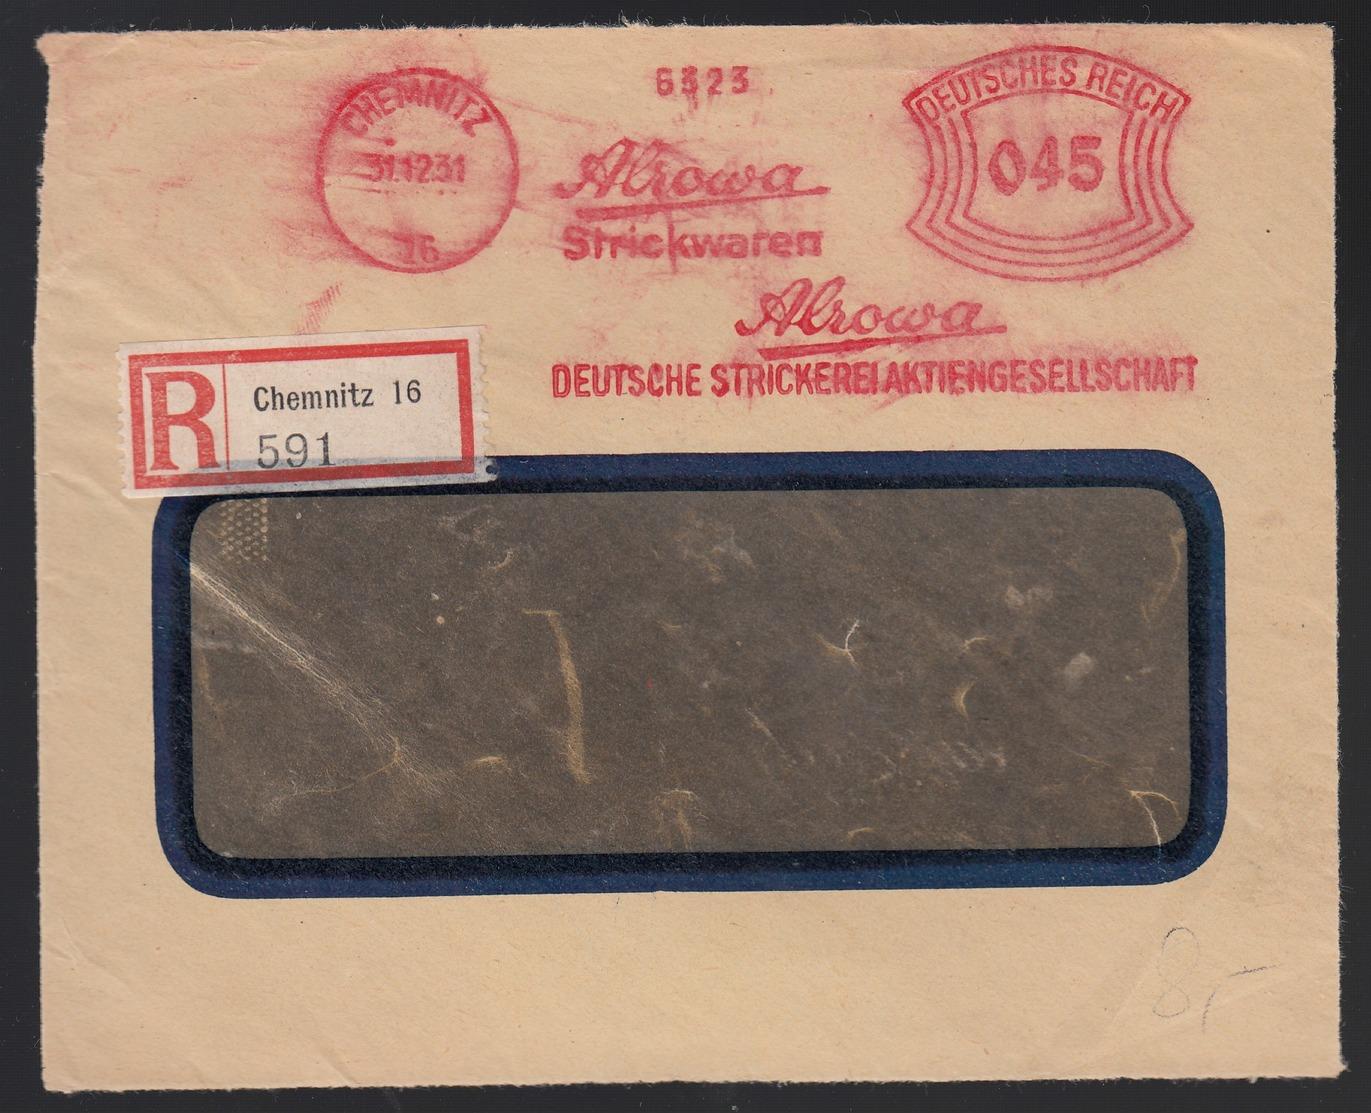 DR Einschreiben Firmenbrief Strickwaren Absenderfreistempel AFS 1931 Briefvorderseite Ab Chemnitz K272 - Allemagne